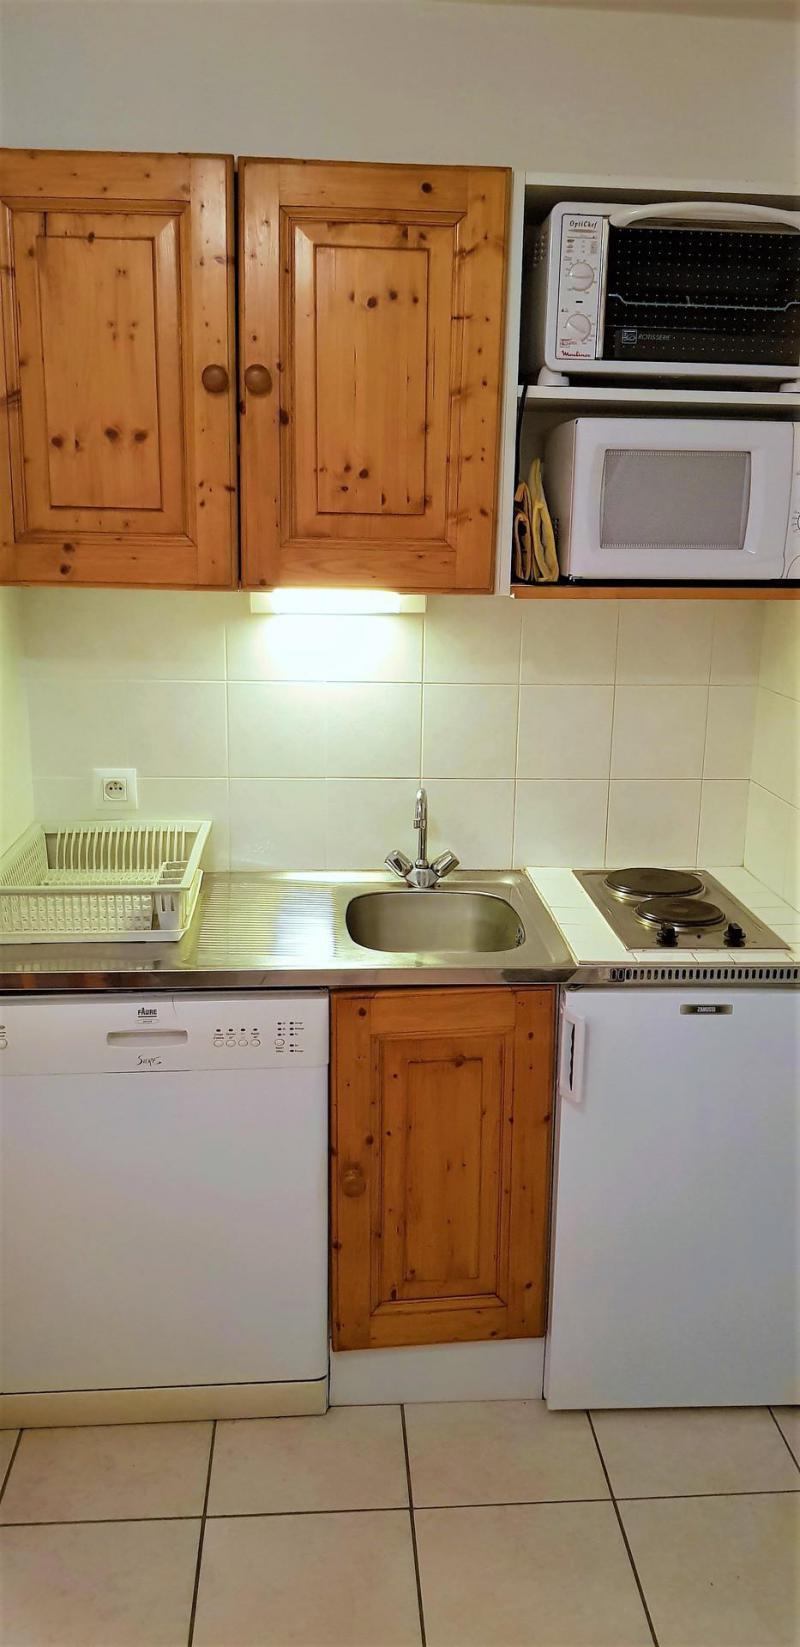 Vacances en montagne Appartement 2 pièces 4 personnes (206) - Résidence Les Monts du Soleil - La Joue du Loup - Kitchenette